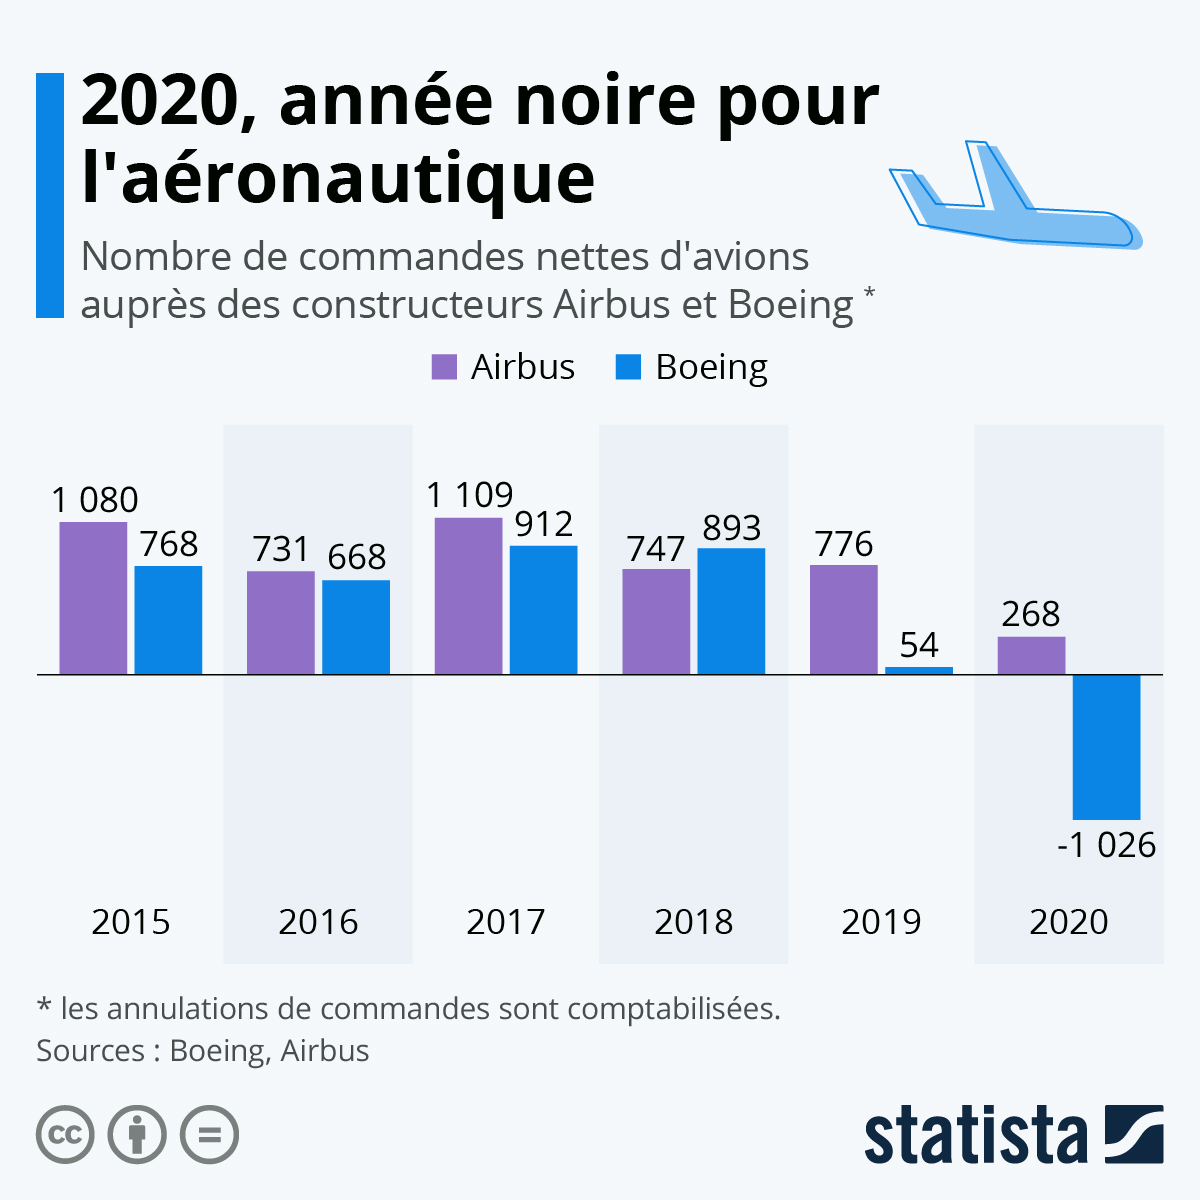 Infographie: 2020, année noire pour l'aéronautique | Statista